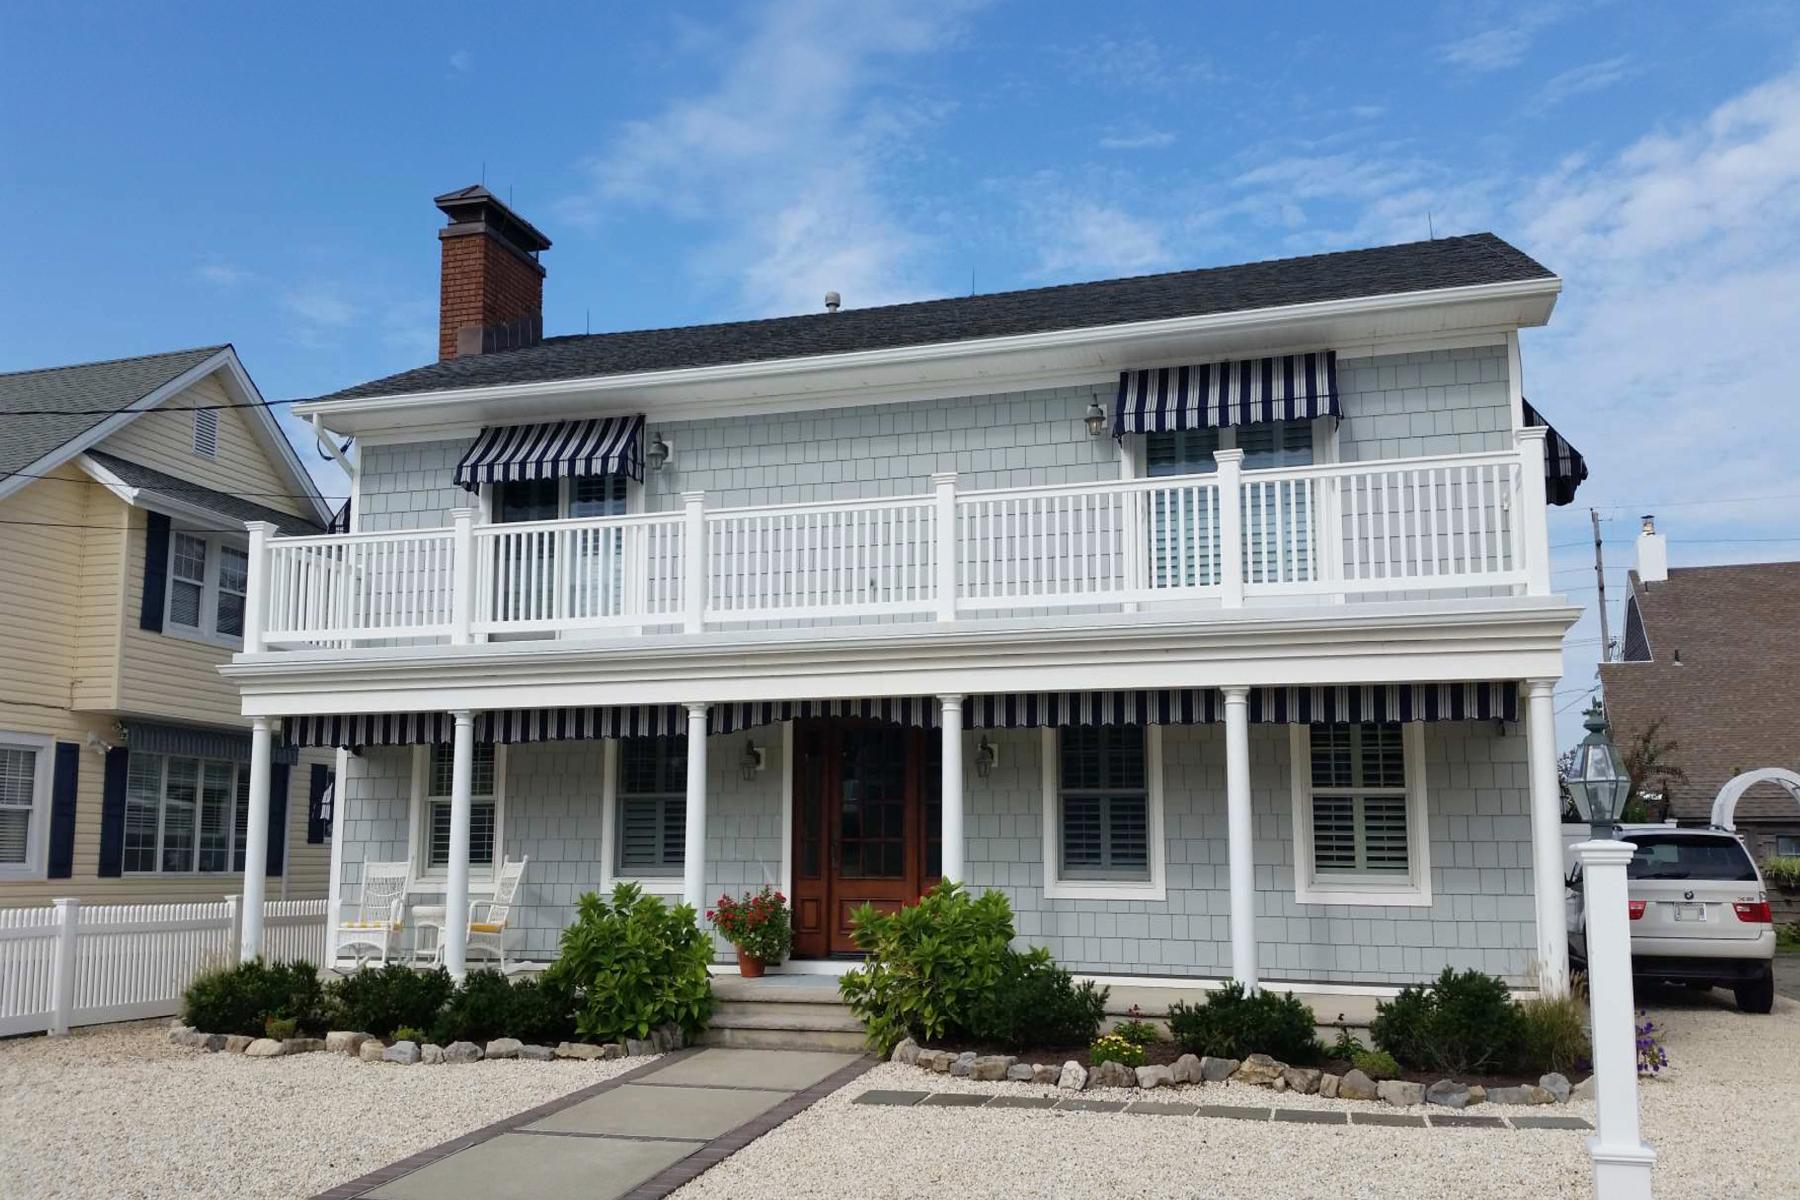 Частный односемейный дом для того Продажа на Wonderful Ocean Heights Ocean Block Home 261 Sunset Lane Mantoloking, Нью-Джерси 08738 Соединенные Штаты